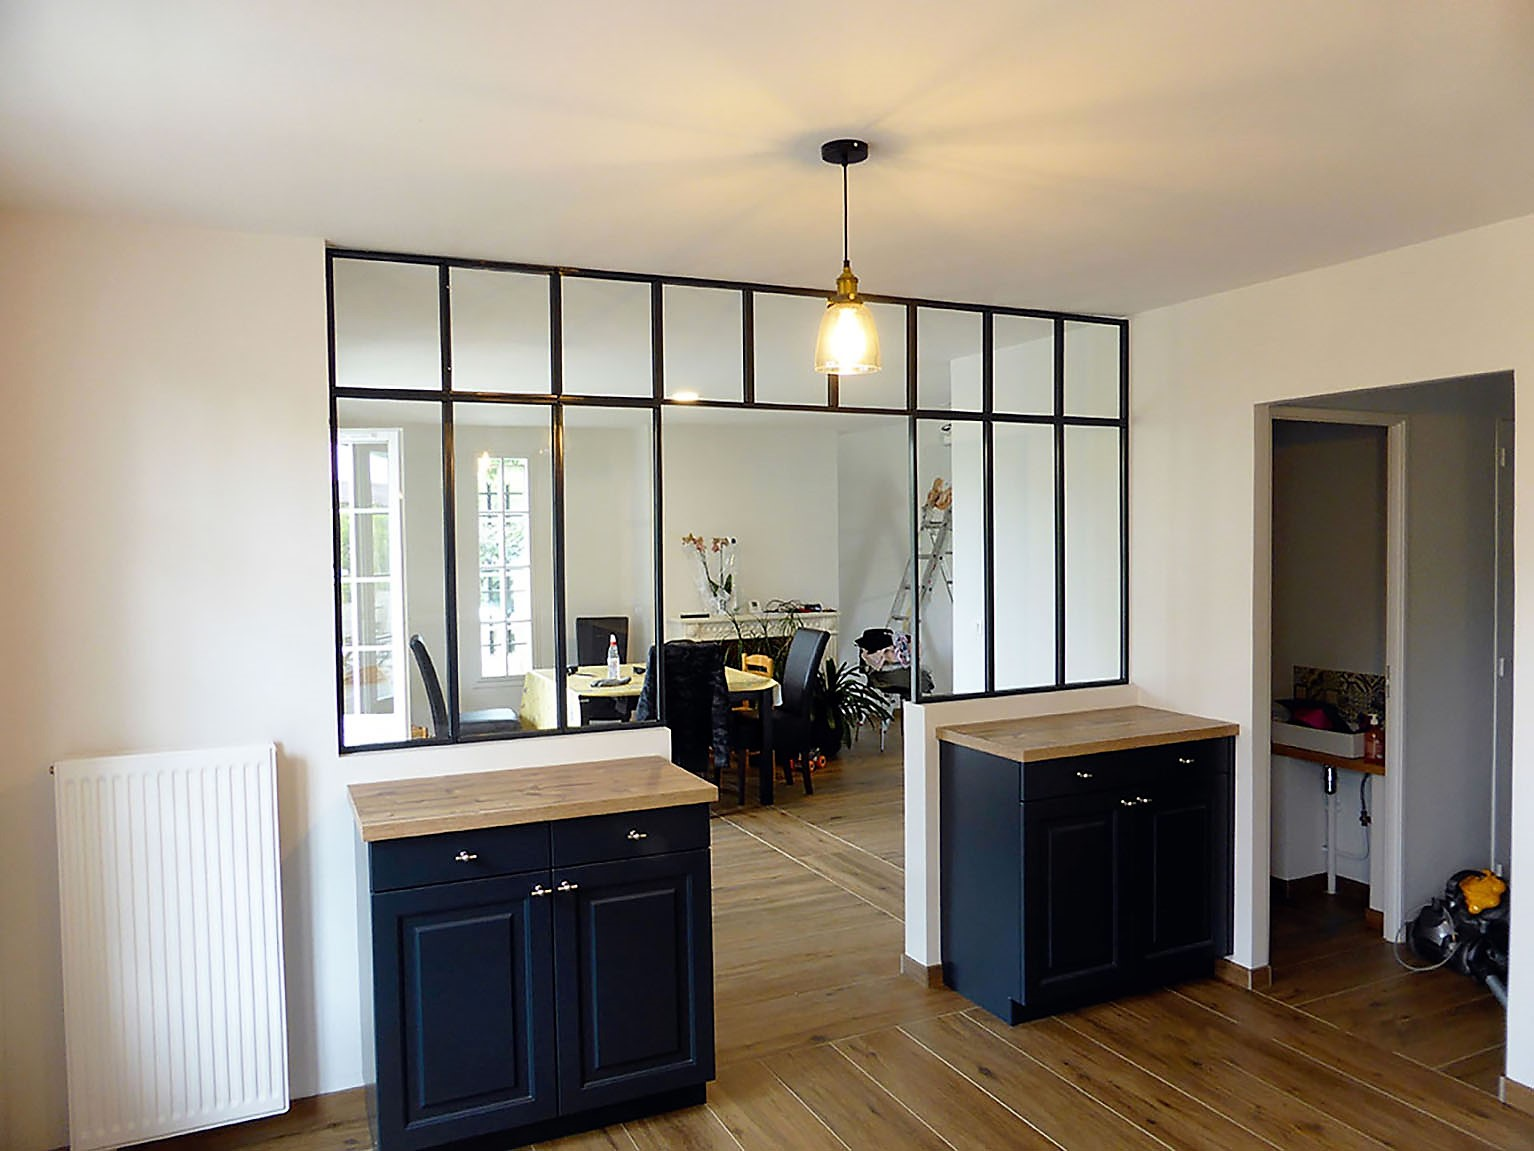 Meuble Separation Cuisine Salon verrière métallique ouverte - séparation salon cuisine